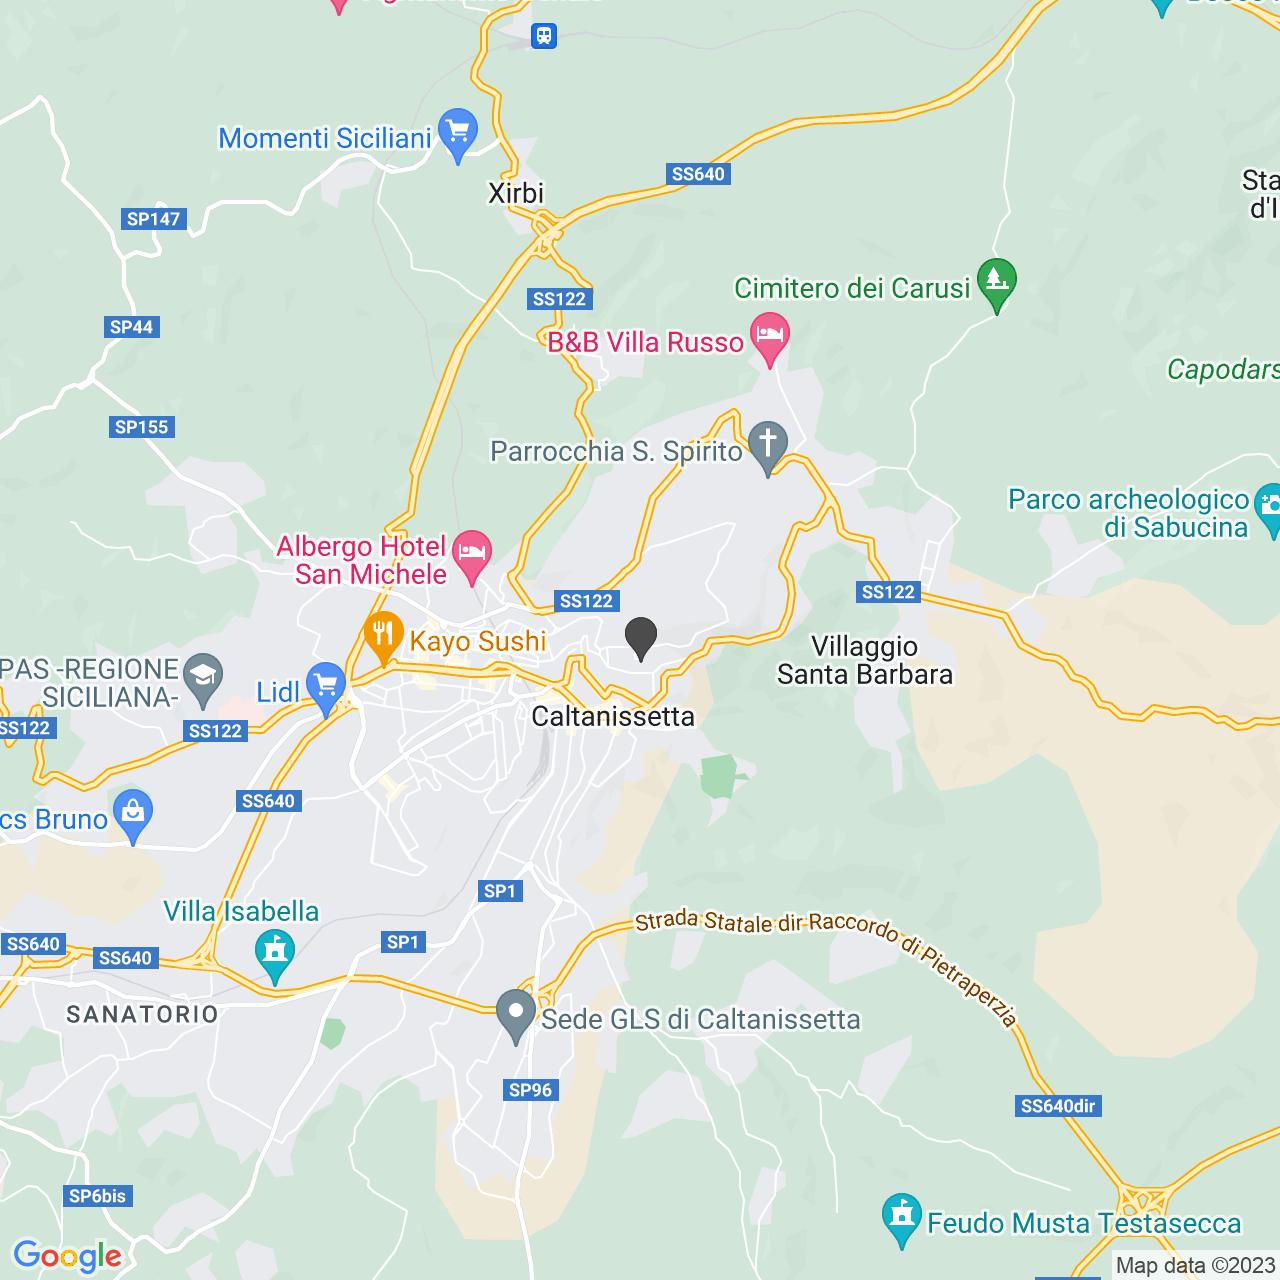 Chiesa di Sant'Antonio alla Saccara